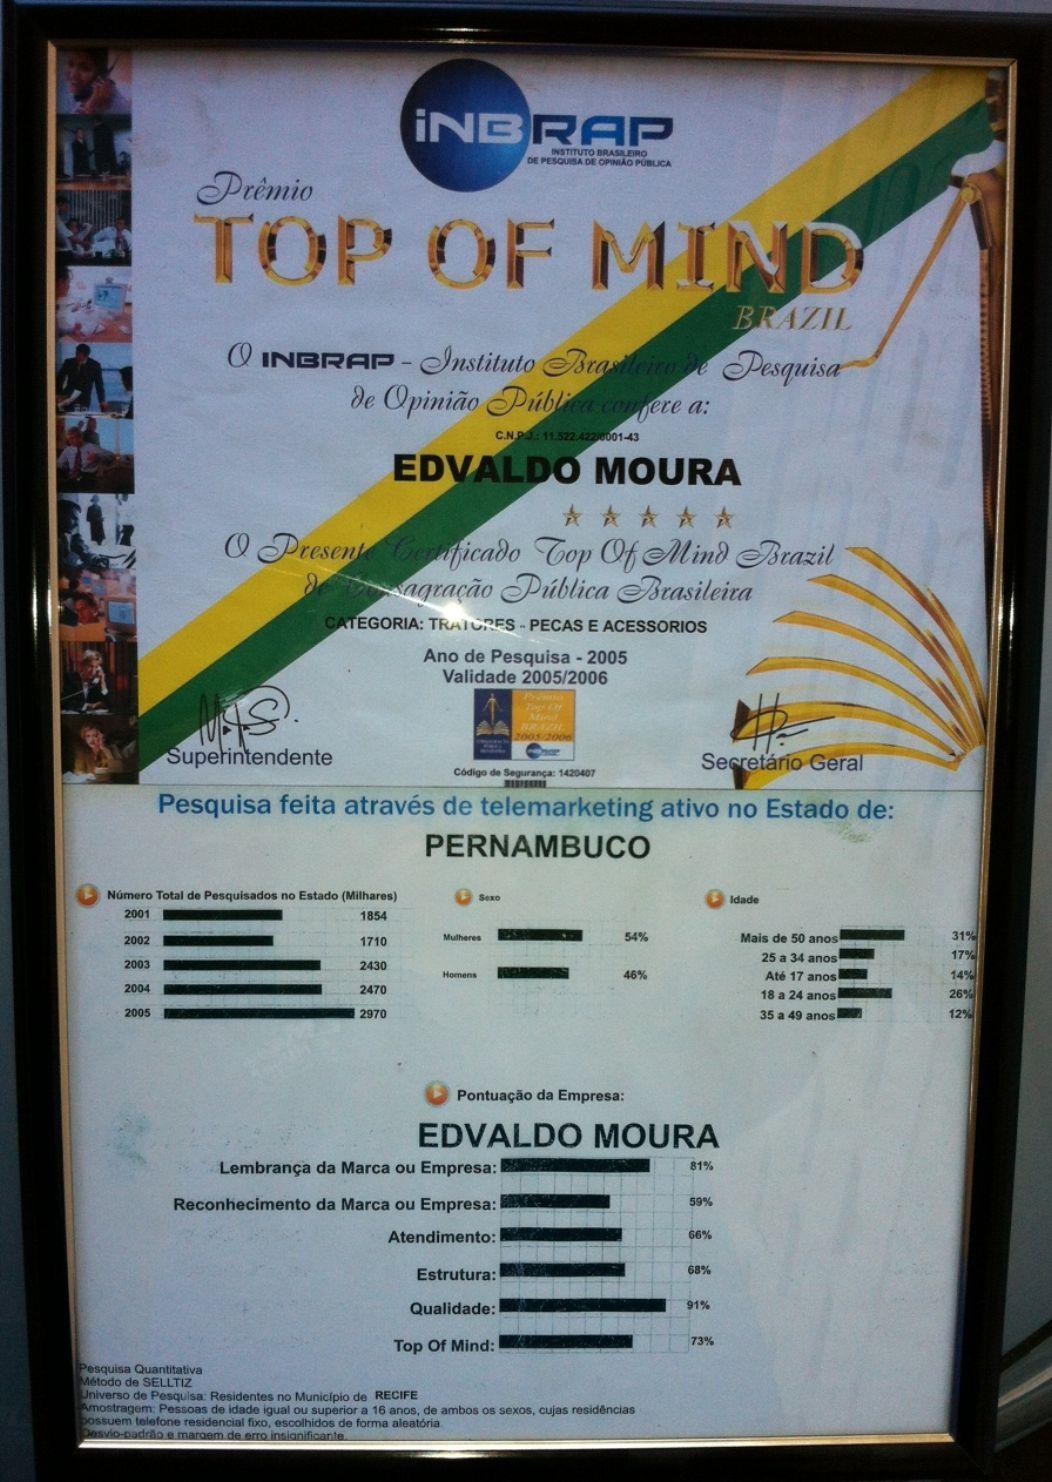 O Instituto Brasileiro de Pesquisa de Opnião Pública (INBRAP),  já premiou a E.Moura® corroborando ainda mais a confiança, credibilidade e qualidade da marca no mercado pernambucano